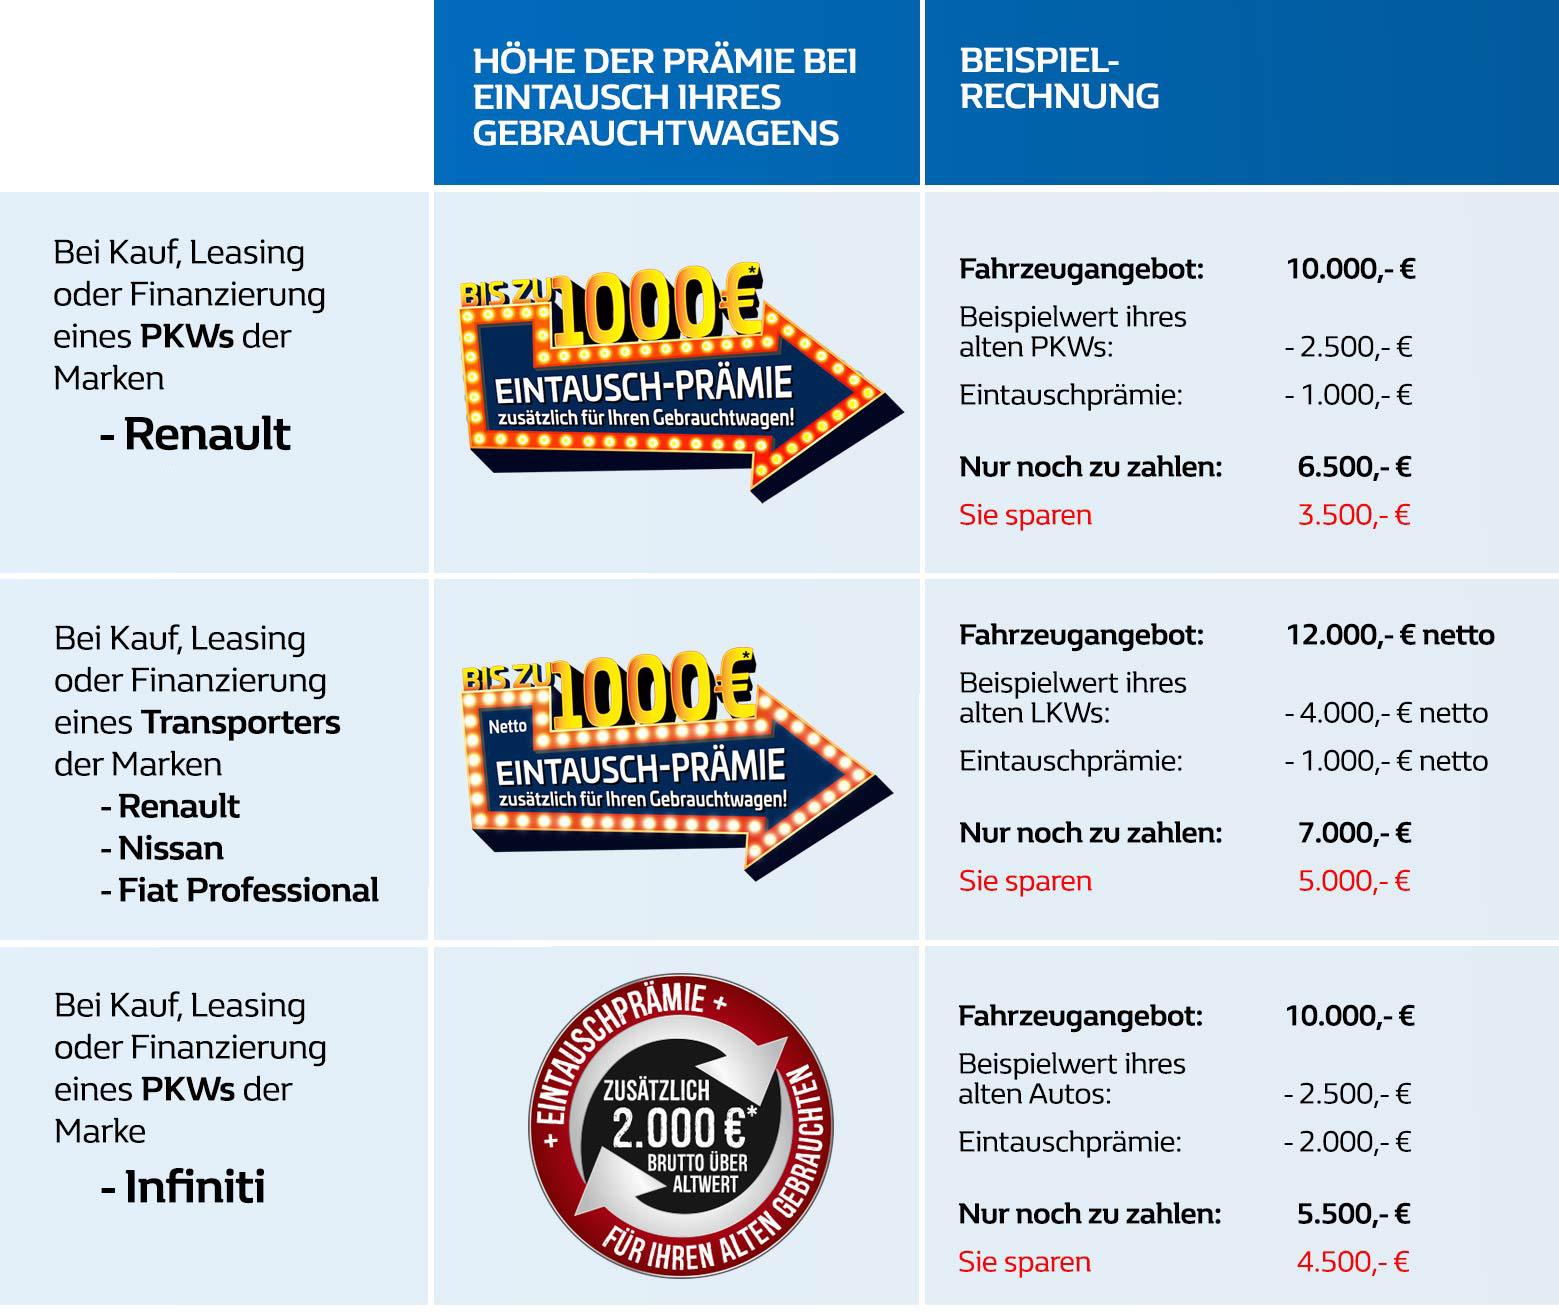 Eintauschprämie 1.000 Euro im Autozentrum P&A-Preckel